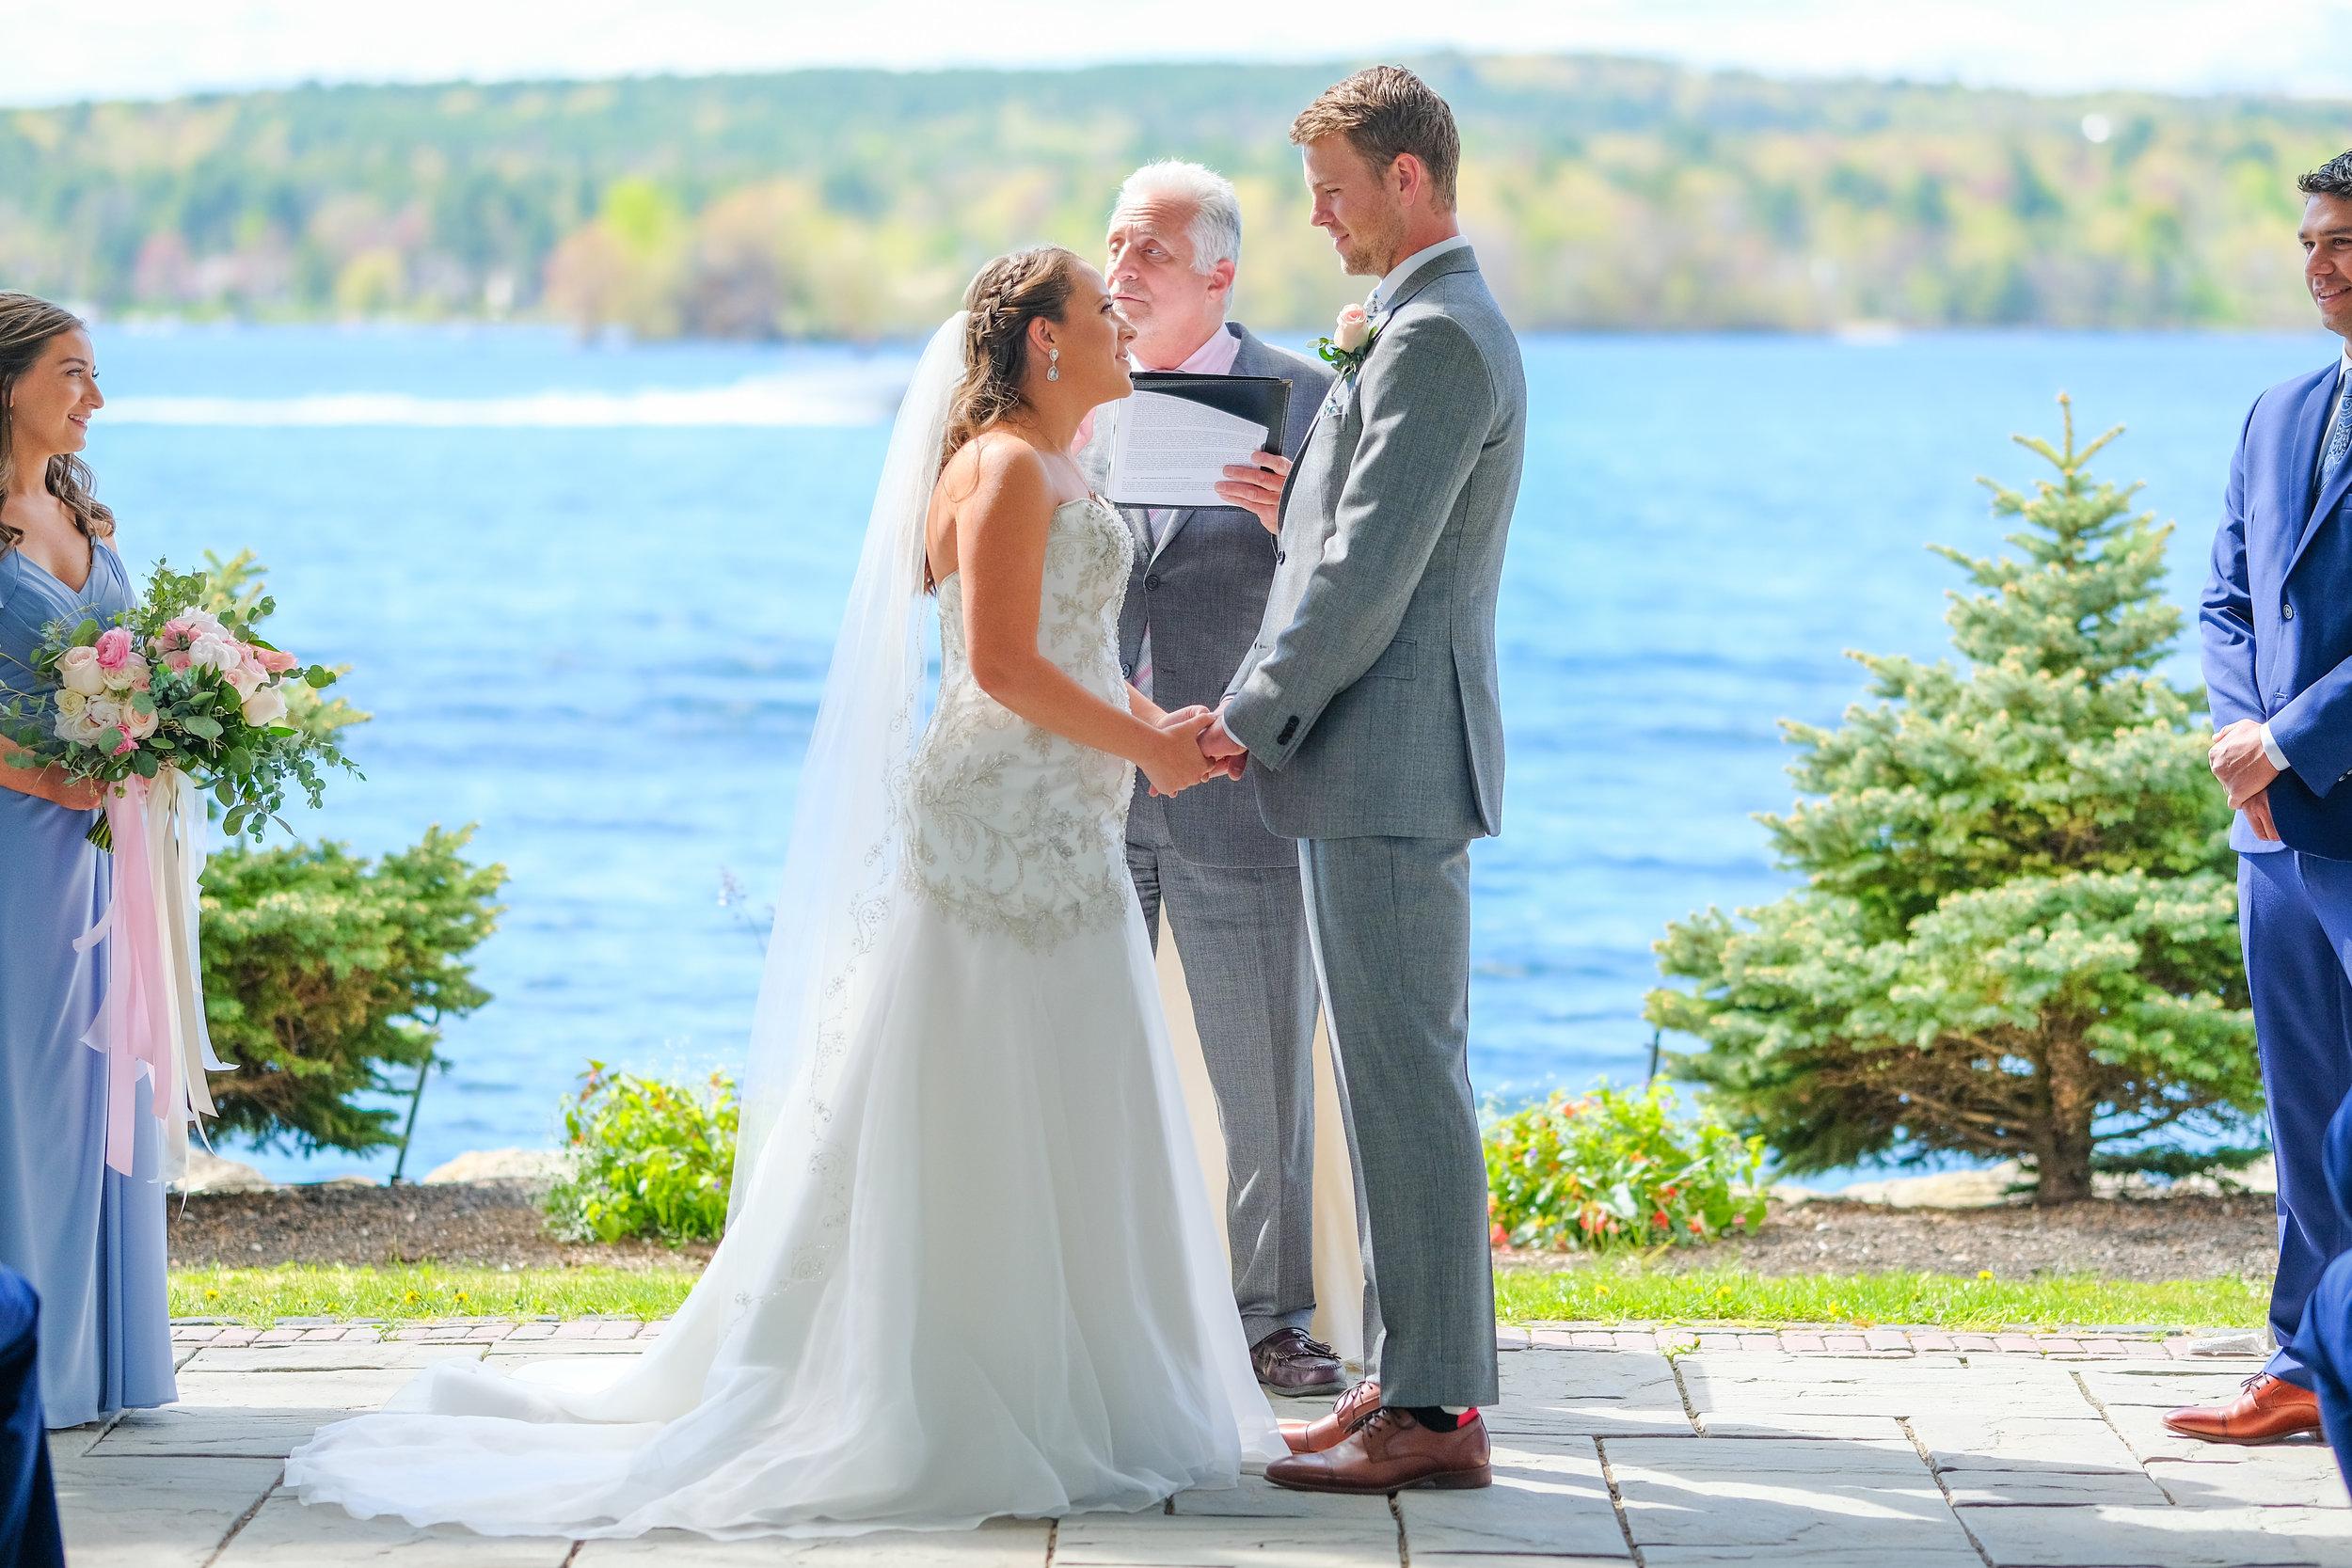 laconia-margate-wedding-photography-235.jpg